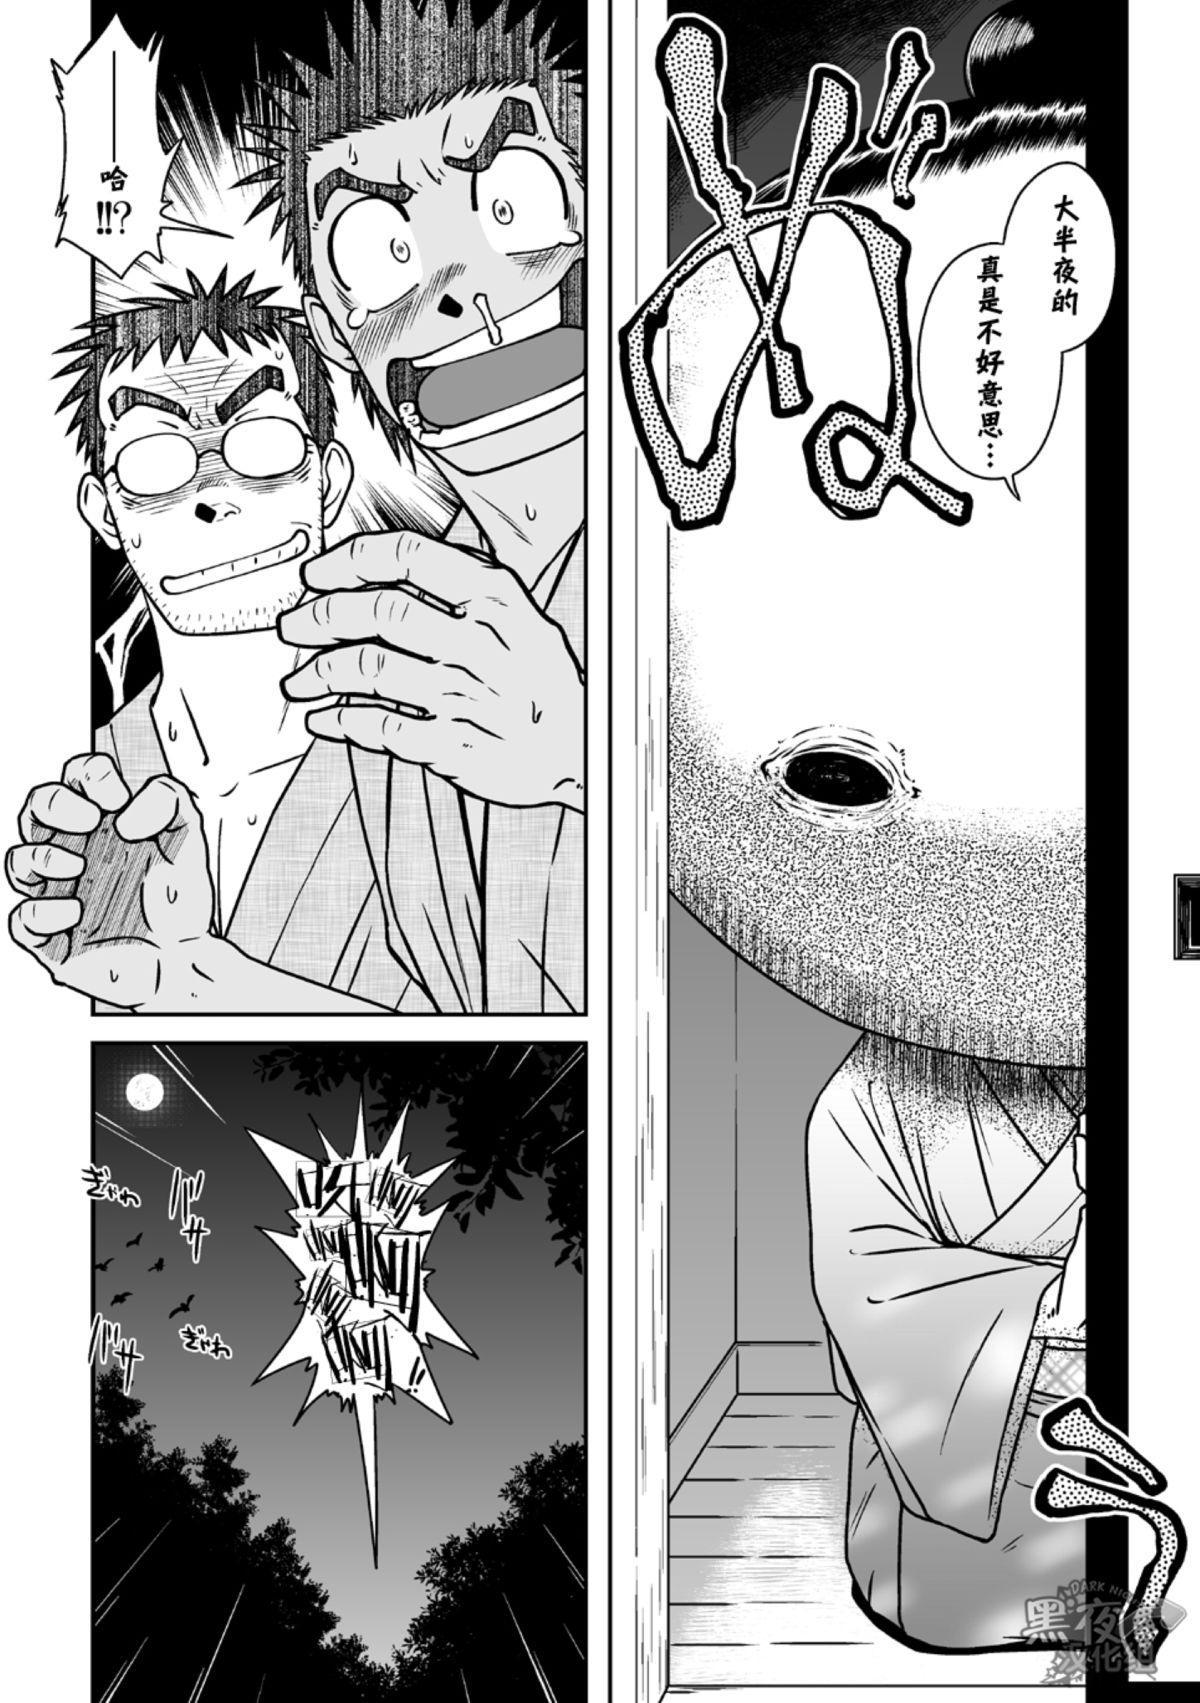 Hatsukoi Shoten 2 - Bururi Kaidan Ryokan | 初戀書店 2 9